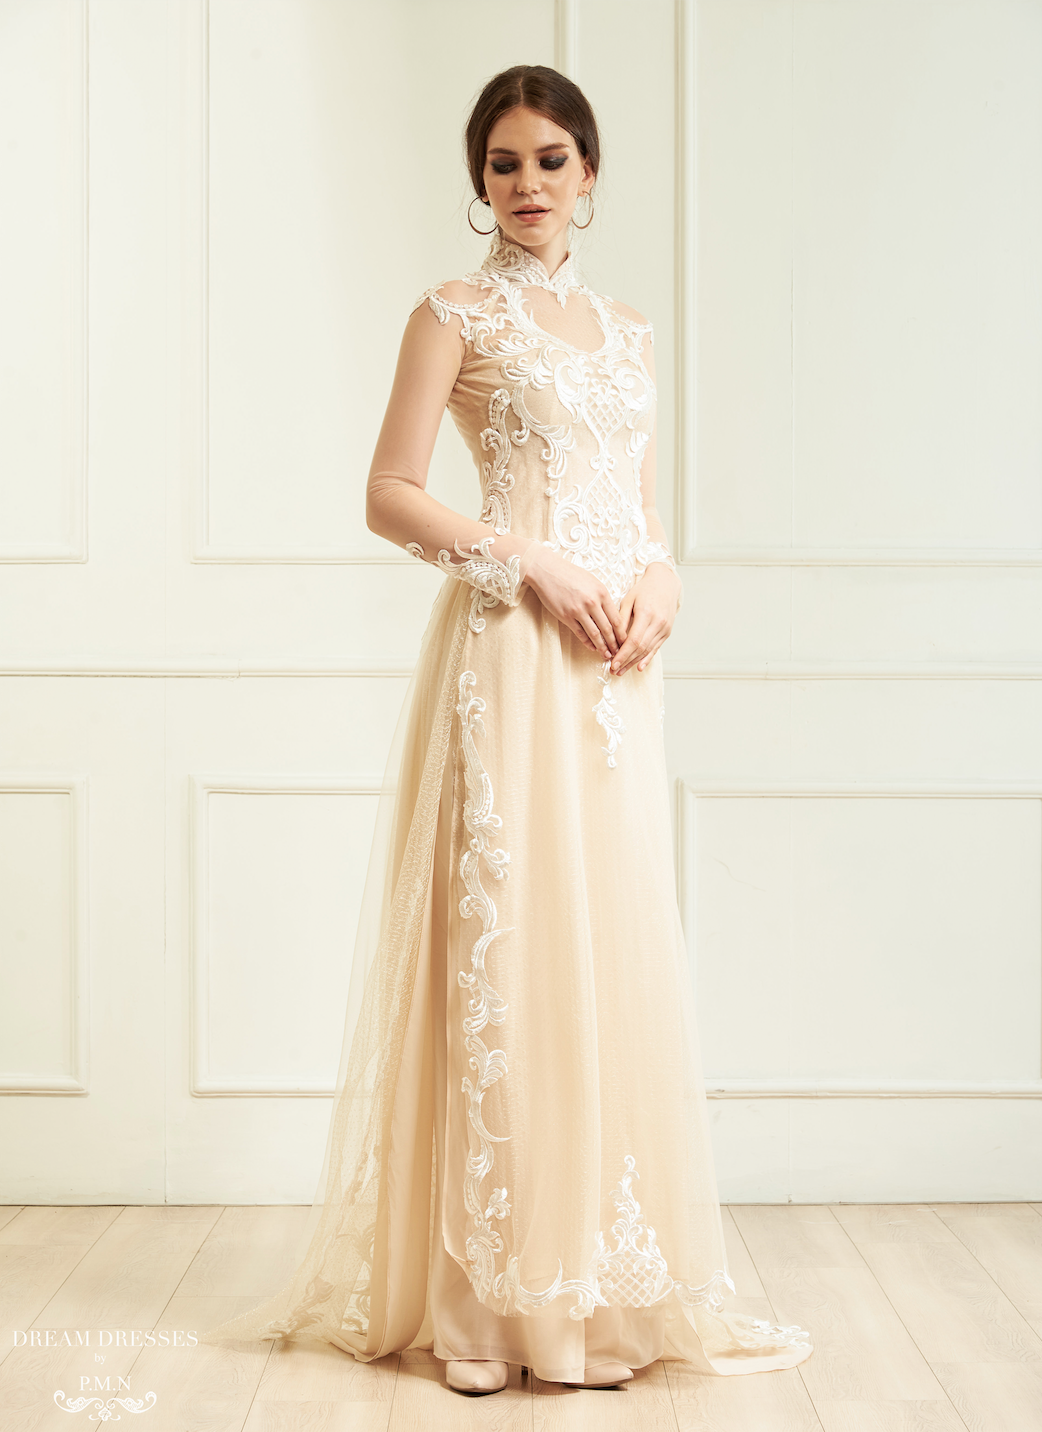 Champagne Ao Dai Vietnamese Lace Bridal Dress (CIARA